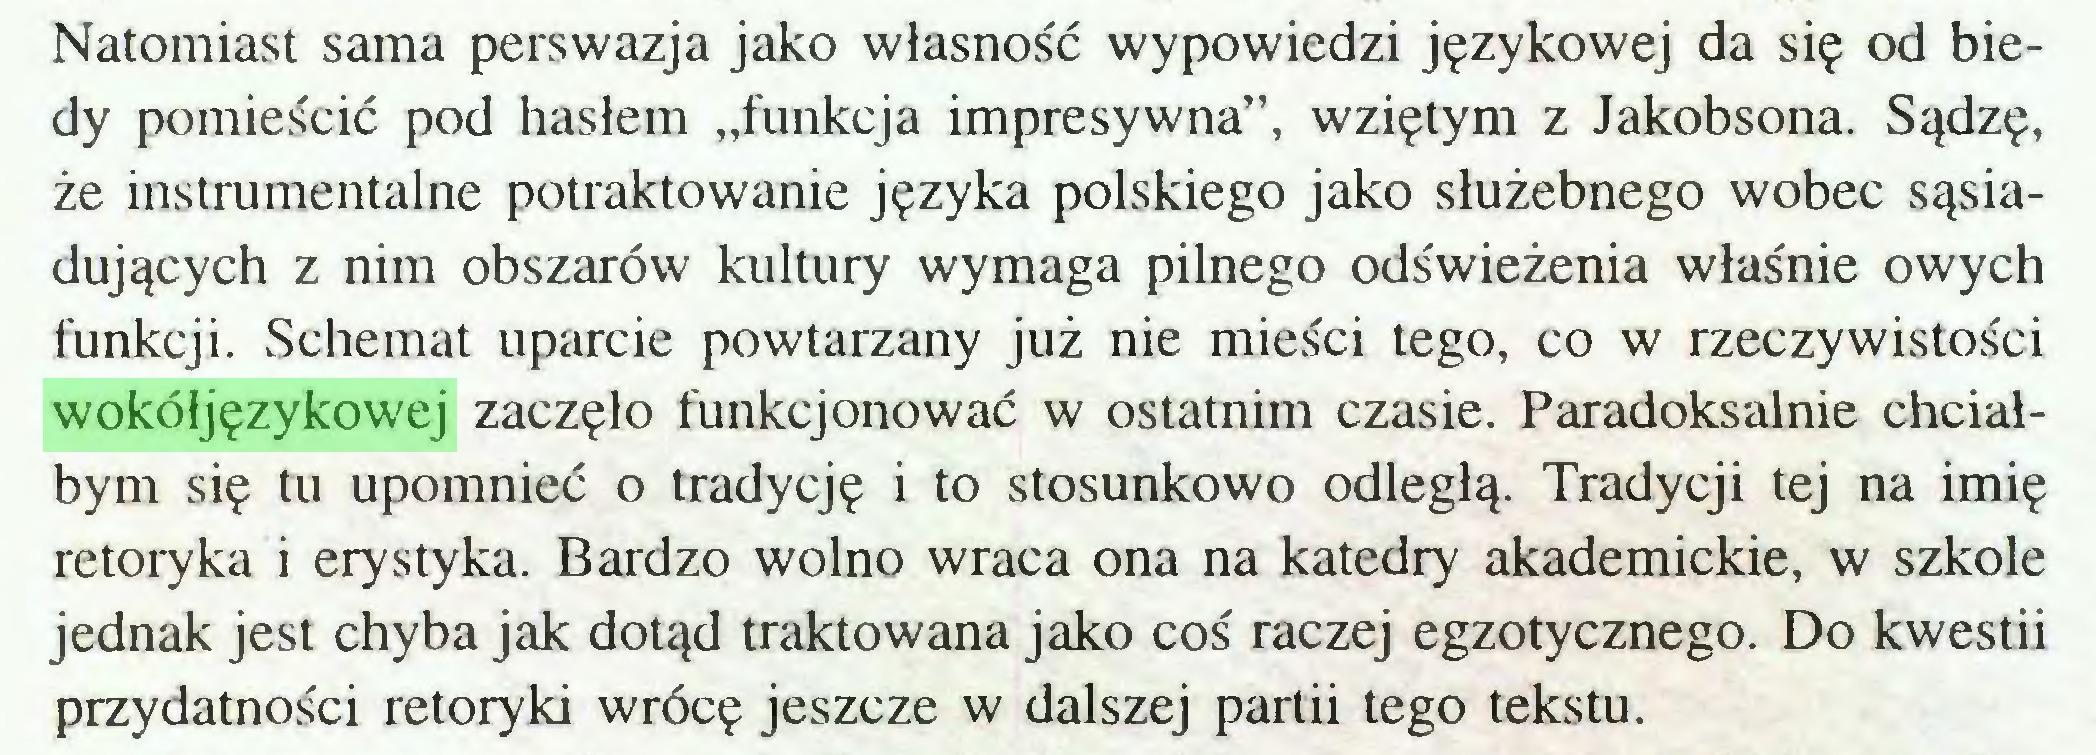 """(...) Natomiast sama perswazja jako własność wypowiedzi językowej da się od biedy pomieścić pod hasłem """"funkcja impresywna"""", wziętym z Jakobsona. Sądzę, że instrumentalne potraktowanie języka polskiego jako służebnego wobec sąsiadujących z nim obszarów kultury wymaga pilnego odświeżenia właśnie owych funkcji. Schemat uparcie powtarzany już nie mieści tego, co w rzeczywistości wokółjęzykowej zaczęło funkcjonować w ostatnim czasie. Paradoksalnie chciałbym się tu upomnieć o tradycję i to stosunkowo odległą. Tradycji tej na imię retoryka i ery styka. Bardzo wolno wraca ona na katedry akademickie, w szkole jednak jest chyba jak dotąd traktowana jako coś raczej egzotycznego. Do kwestii przydatności retoryki wrócę jeszcze w dalszej partii tego tekstu..."""